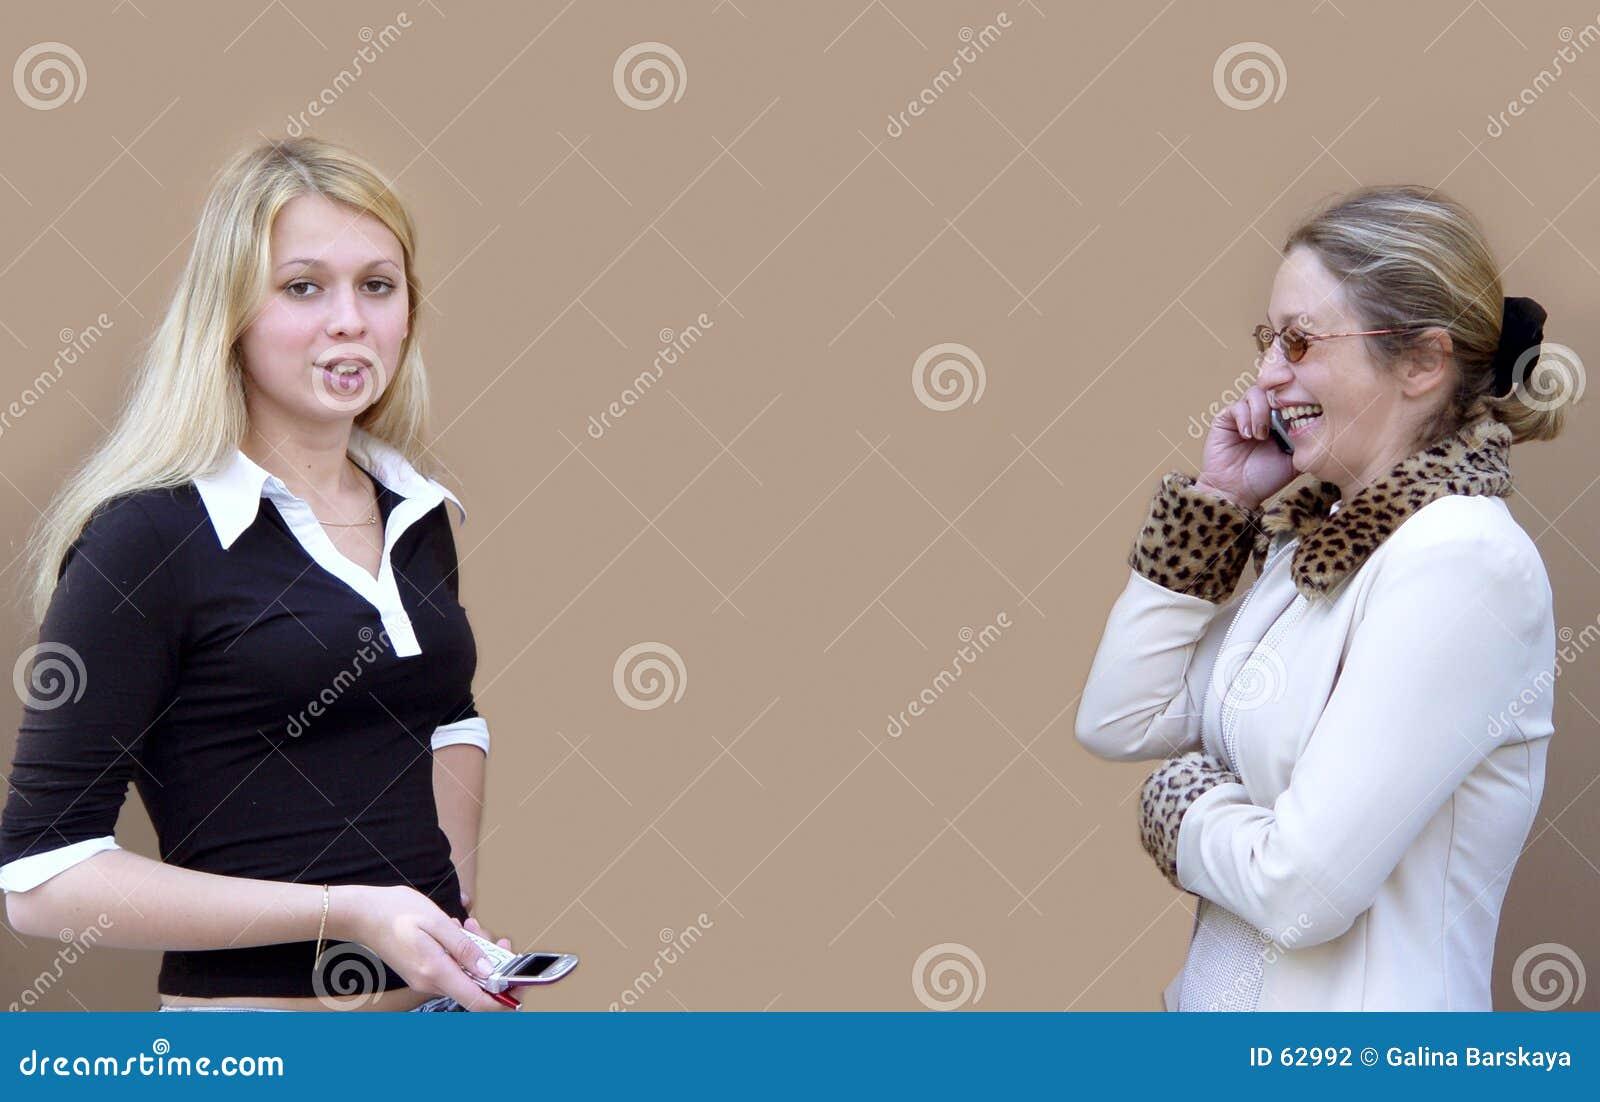 2 femmes avec des téléphones